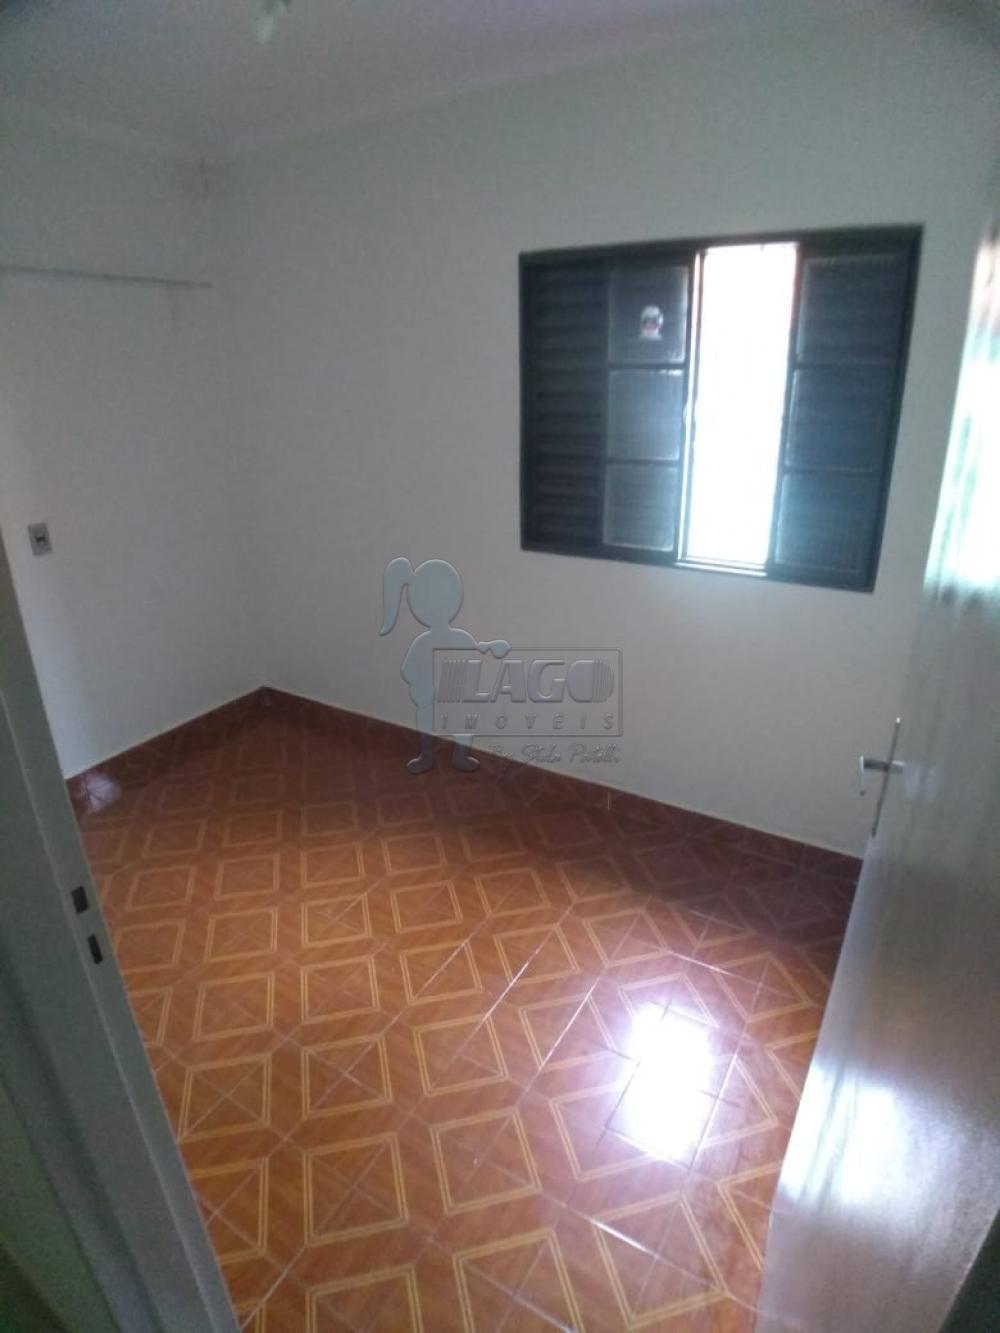 Comprar Casas / Padrão em Ribeirão Preto apenas R$ 335.000,00 - Foto 10